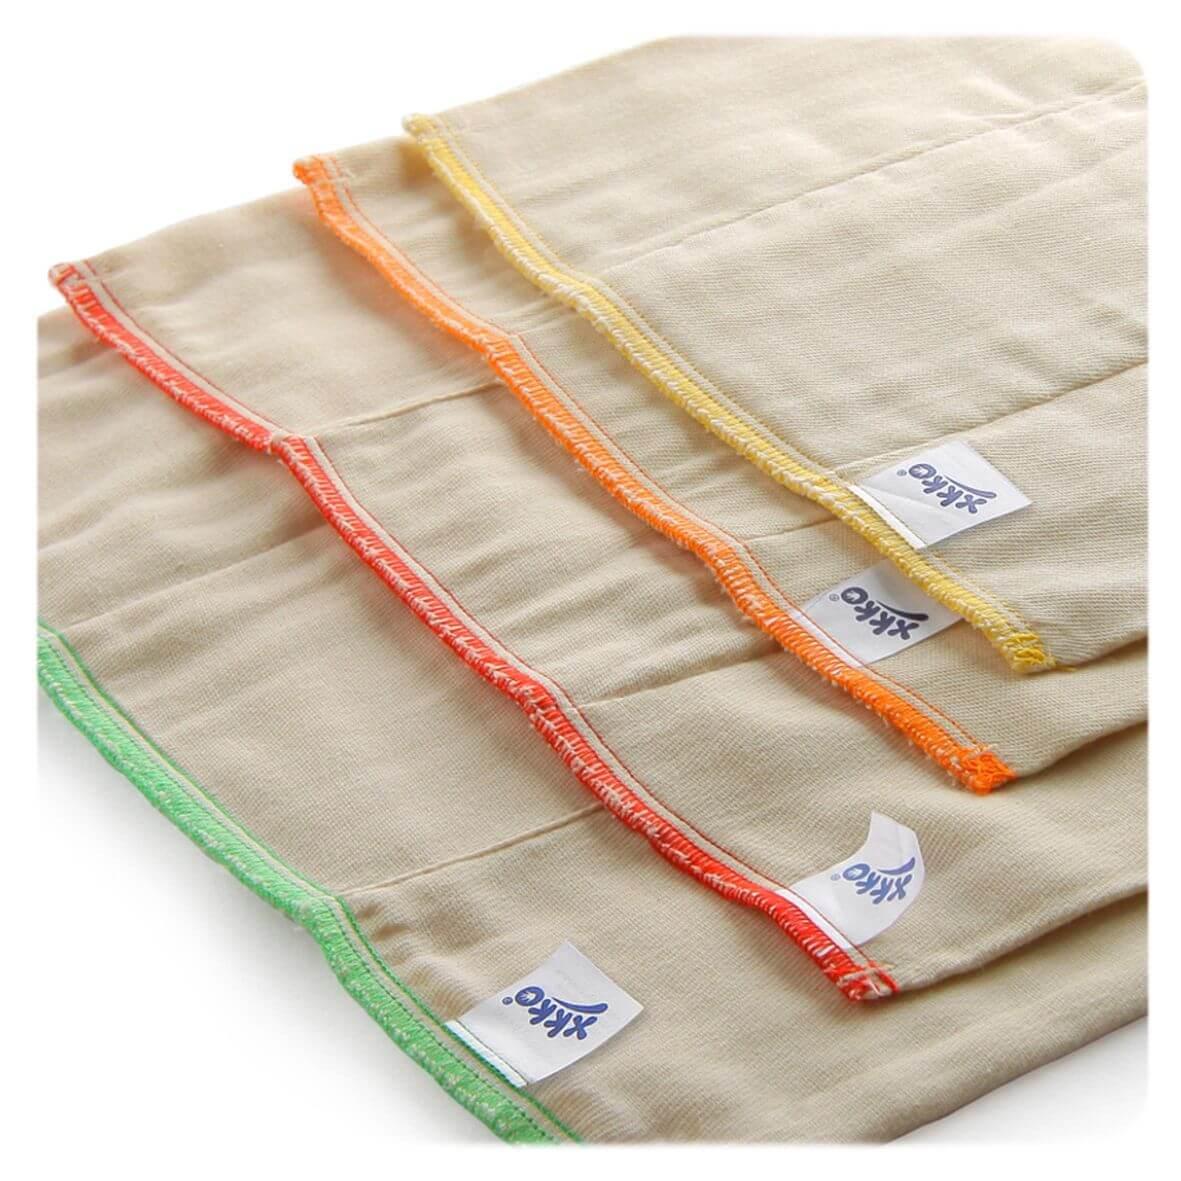 XKKO Prefolds Bio-Baumwolle 6 Stück